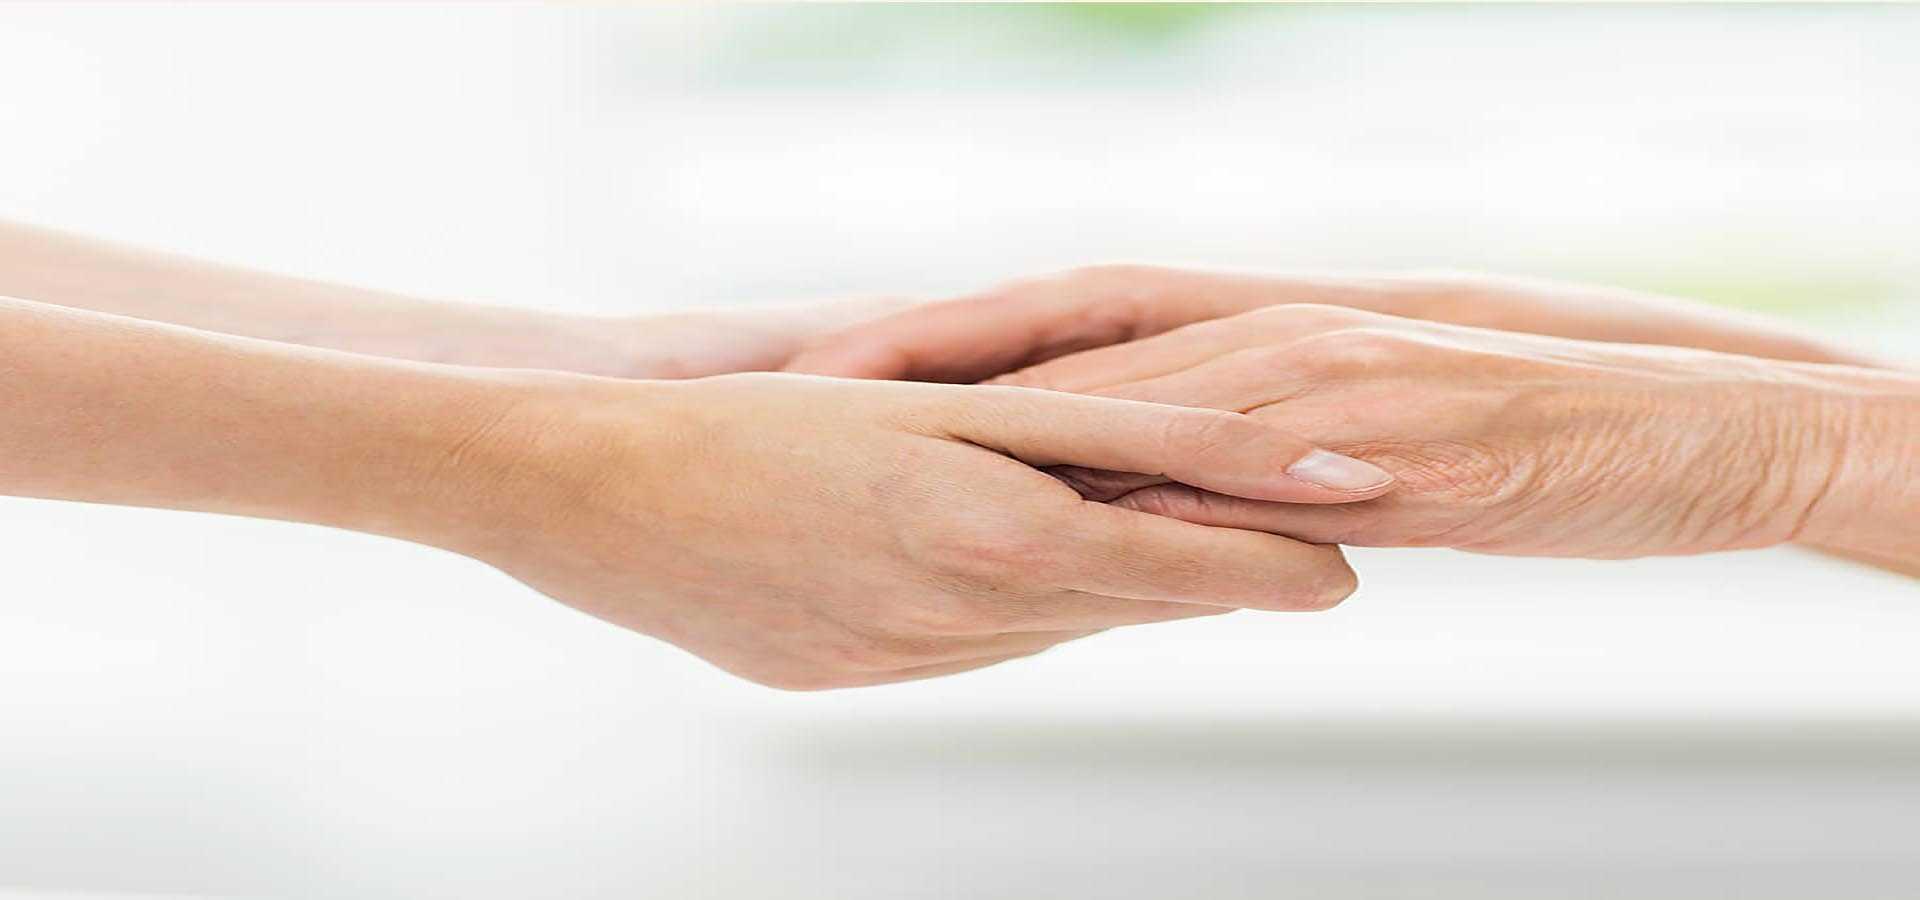 עקרונות ה-CBT ומיינדפולנס למטפלים/ות, מכללת כרכור, תעשו לעצמכם עתיד חדש